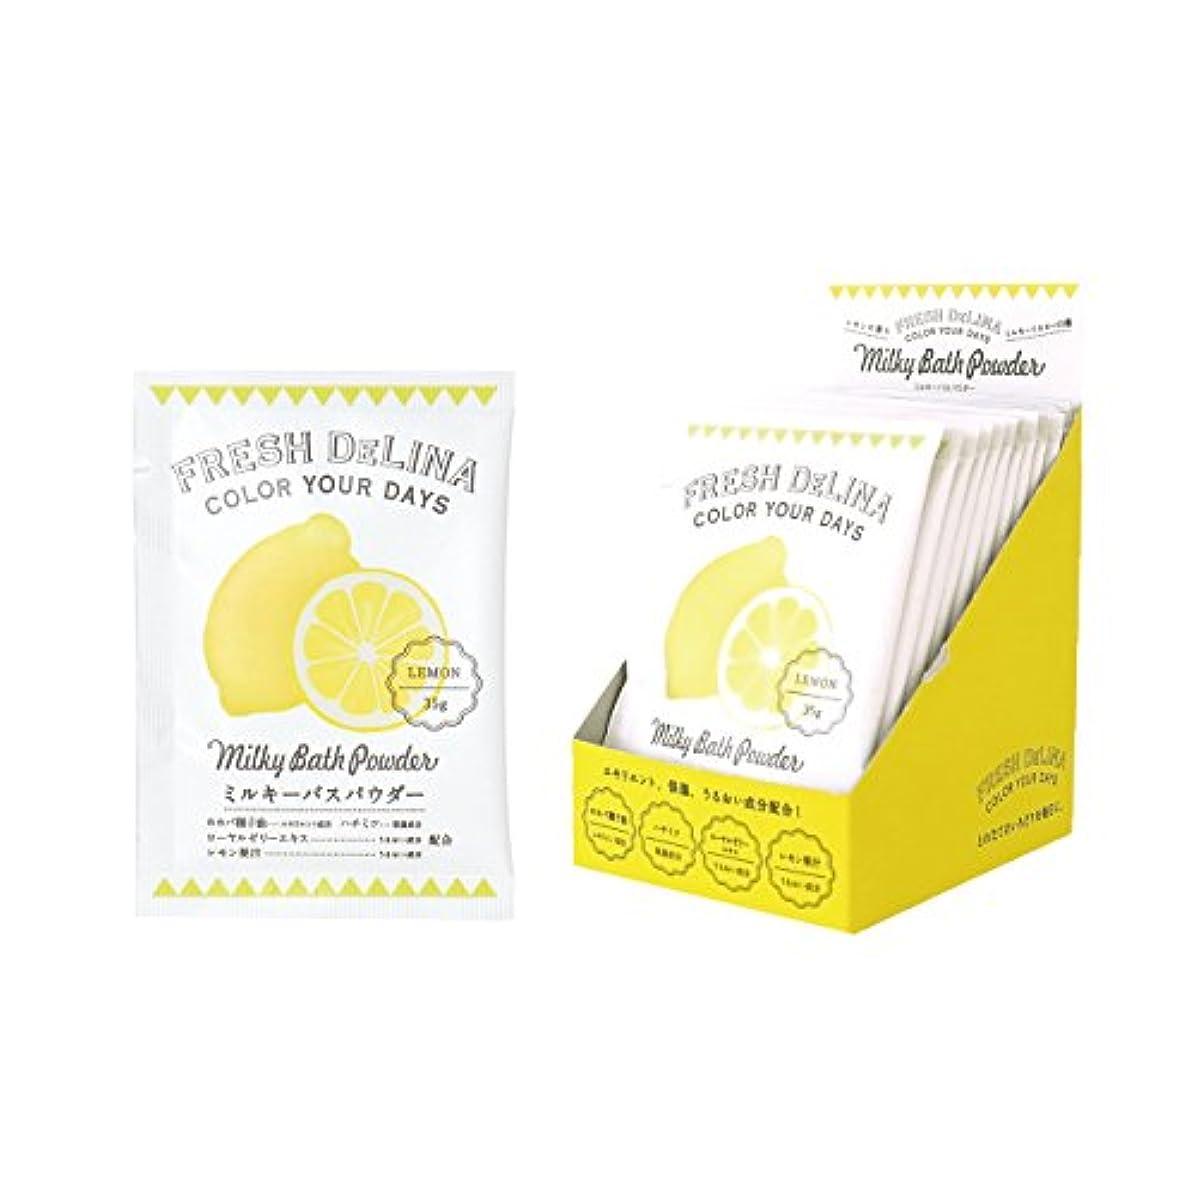 並外れてデンプシー生フレッシュデリーナ ミルキーバスパウダー 35g (レモン) 12個 (白濁タイプ入浴料 日本製 どこかなつかしいフレッシュなレモンの香り)